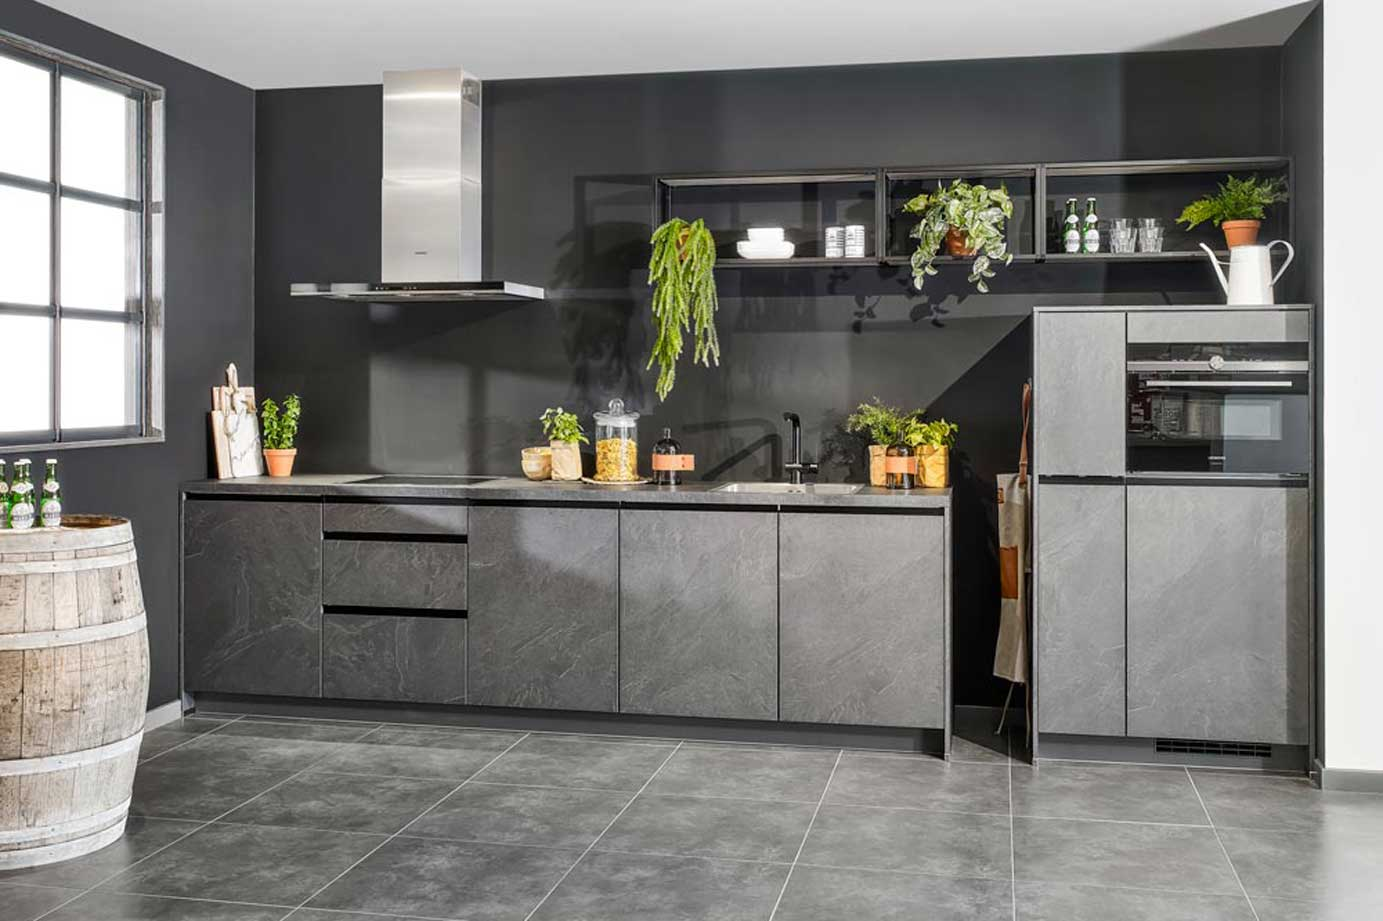 Keuken Kleur Veranderen : Een grijze keuken luxe uitstraling past bij veel interieurs db